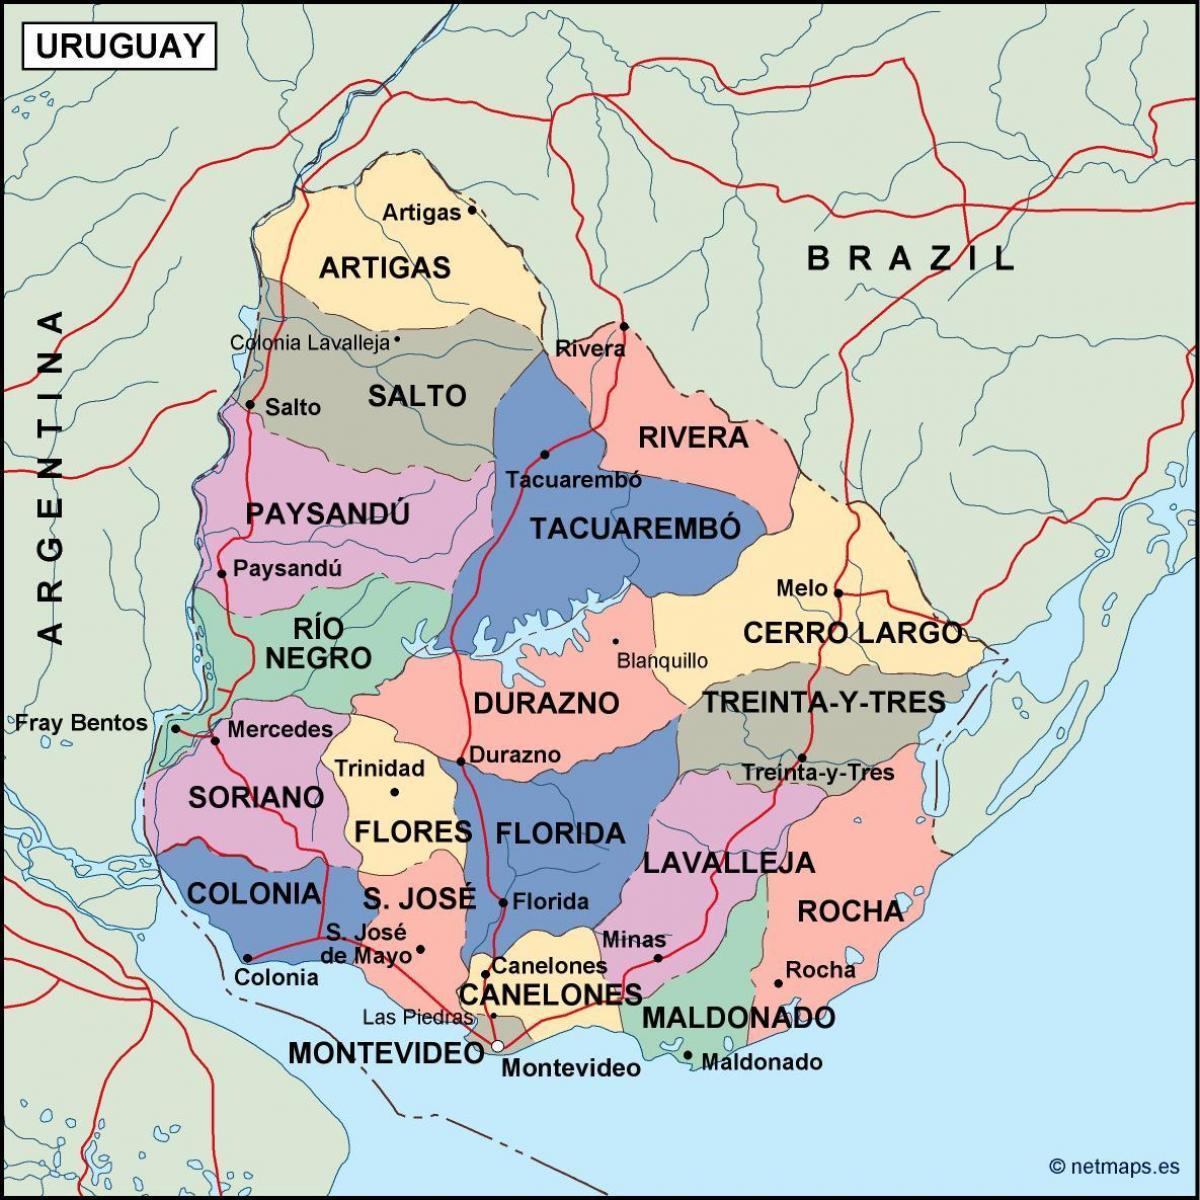 Carte Amerique Latine Uruguay.Maldonado L Uruguay Carte Carte De Maldonado L Uruguay Amerique